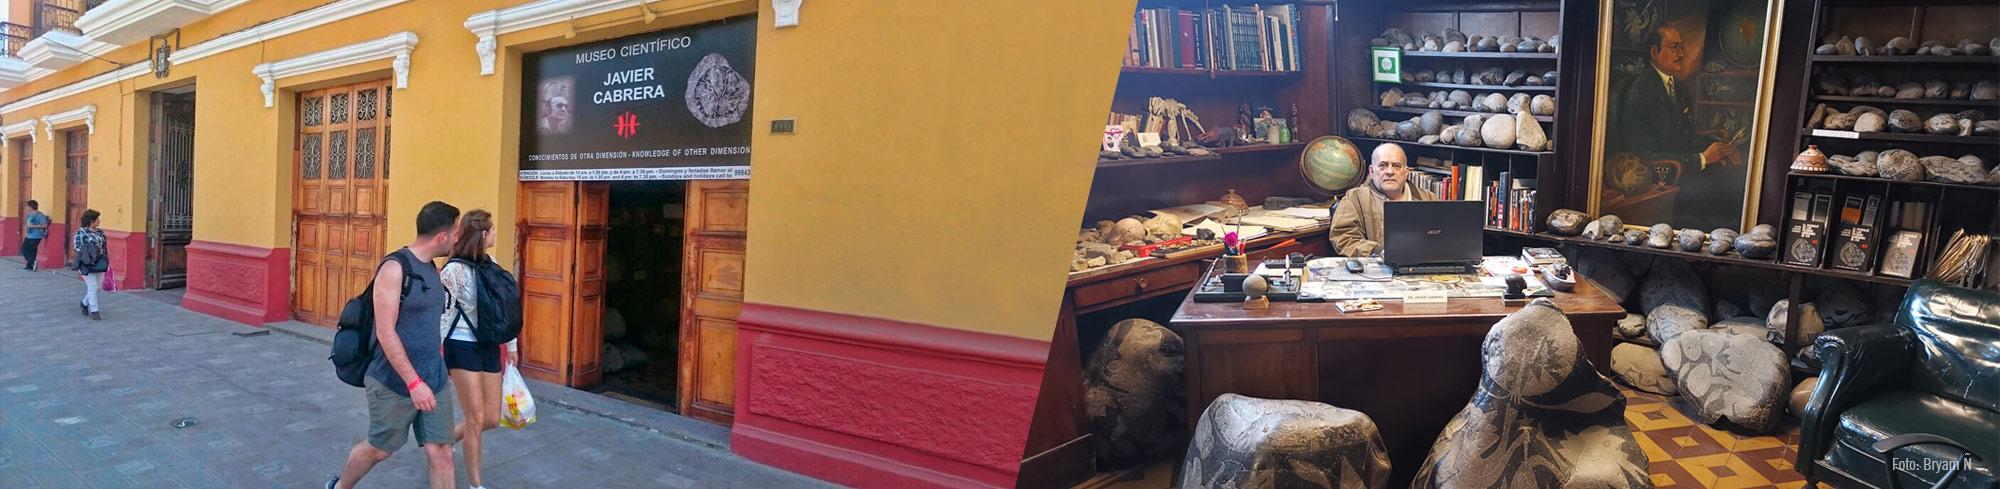 tour museo cabrera